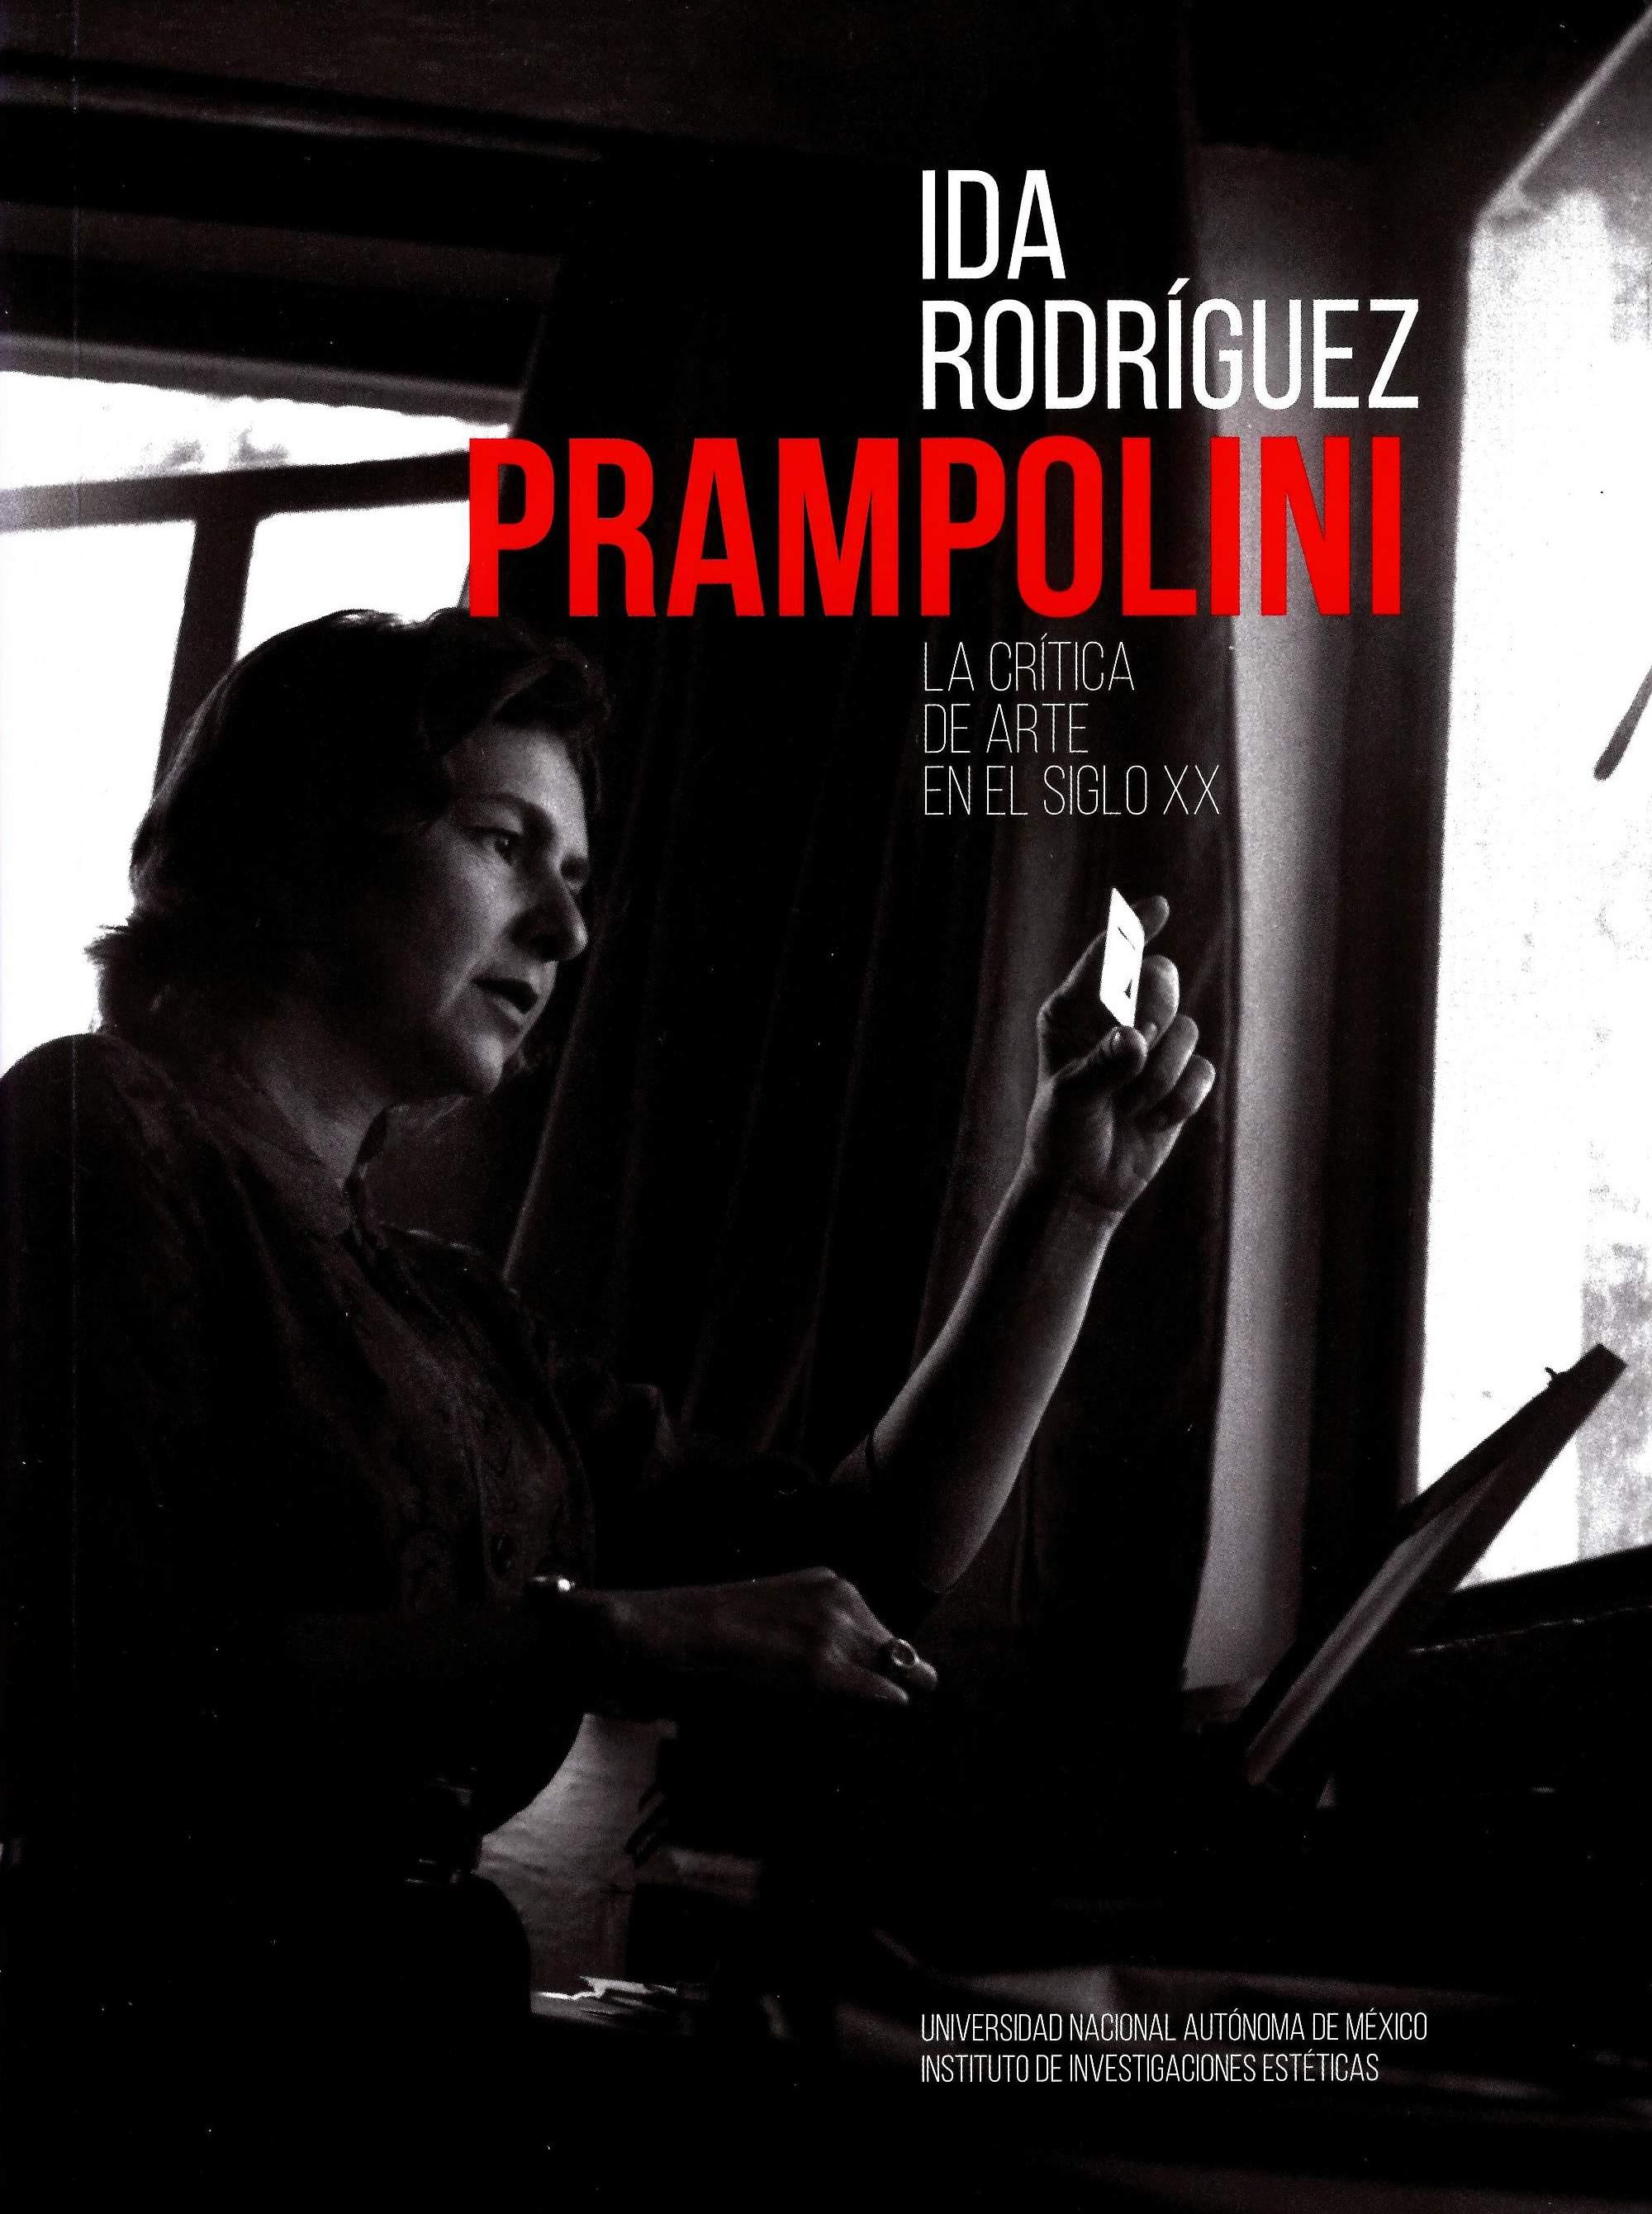 Ida Rodríguez Prampolini: la crítica de arte en el siglo XX